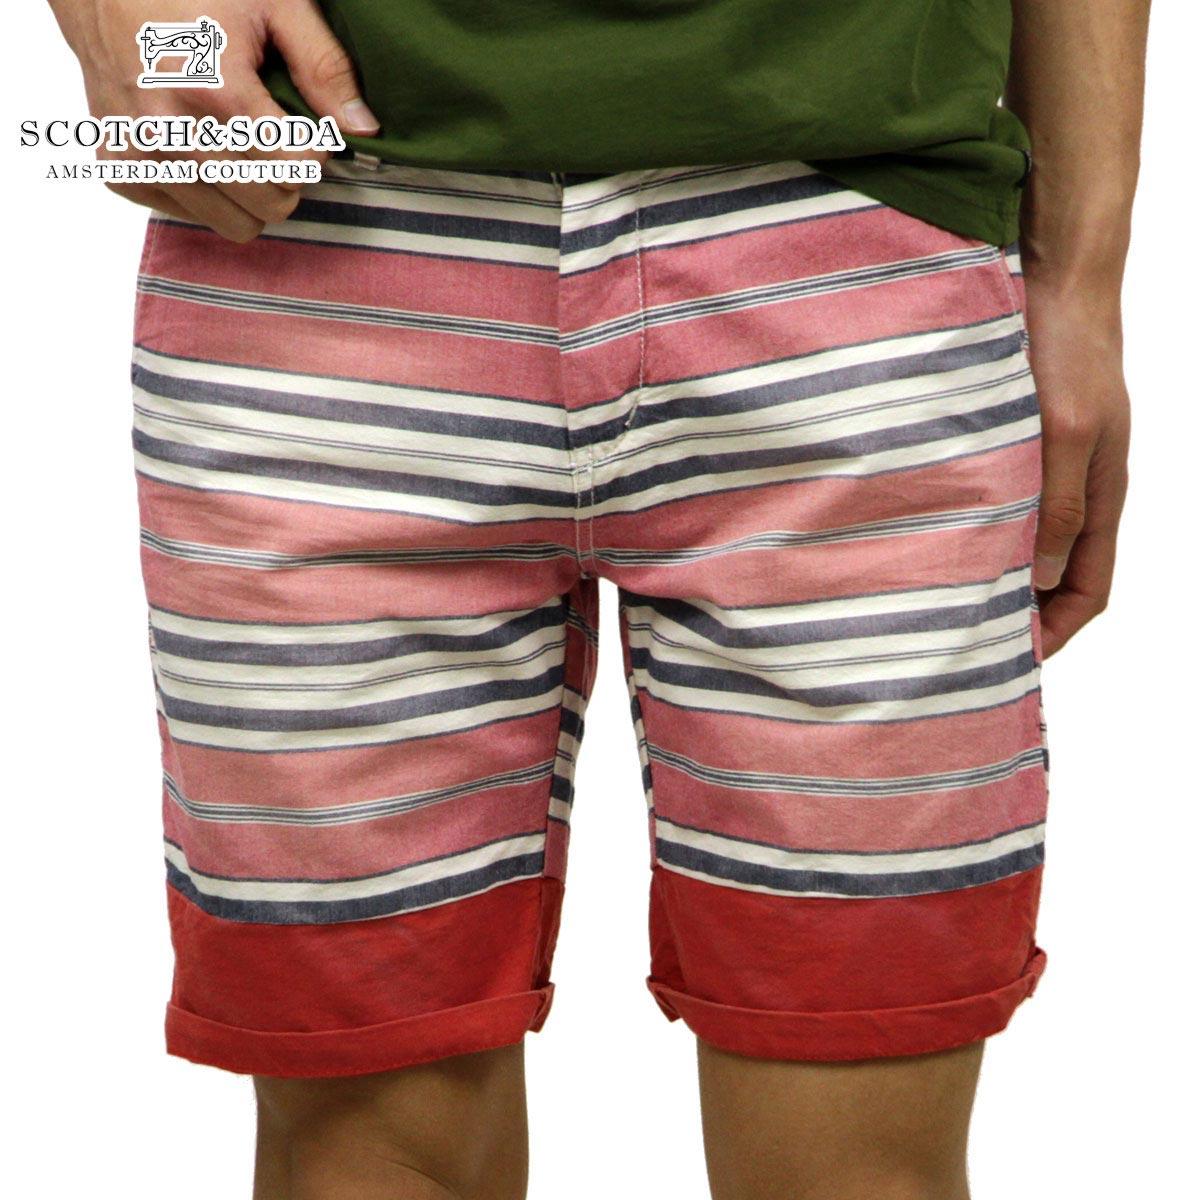 スコッチアンドソーダ SCOTCH&SODA 正規販売店 メンズ ショートパンツ Printed/yarn dye indigo slim fit chino short serie with bright roll-up 81107 D D15S25